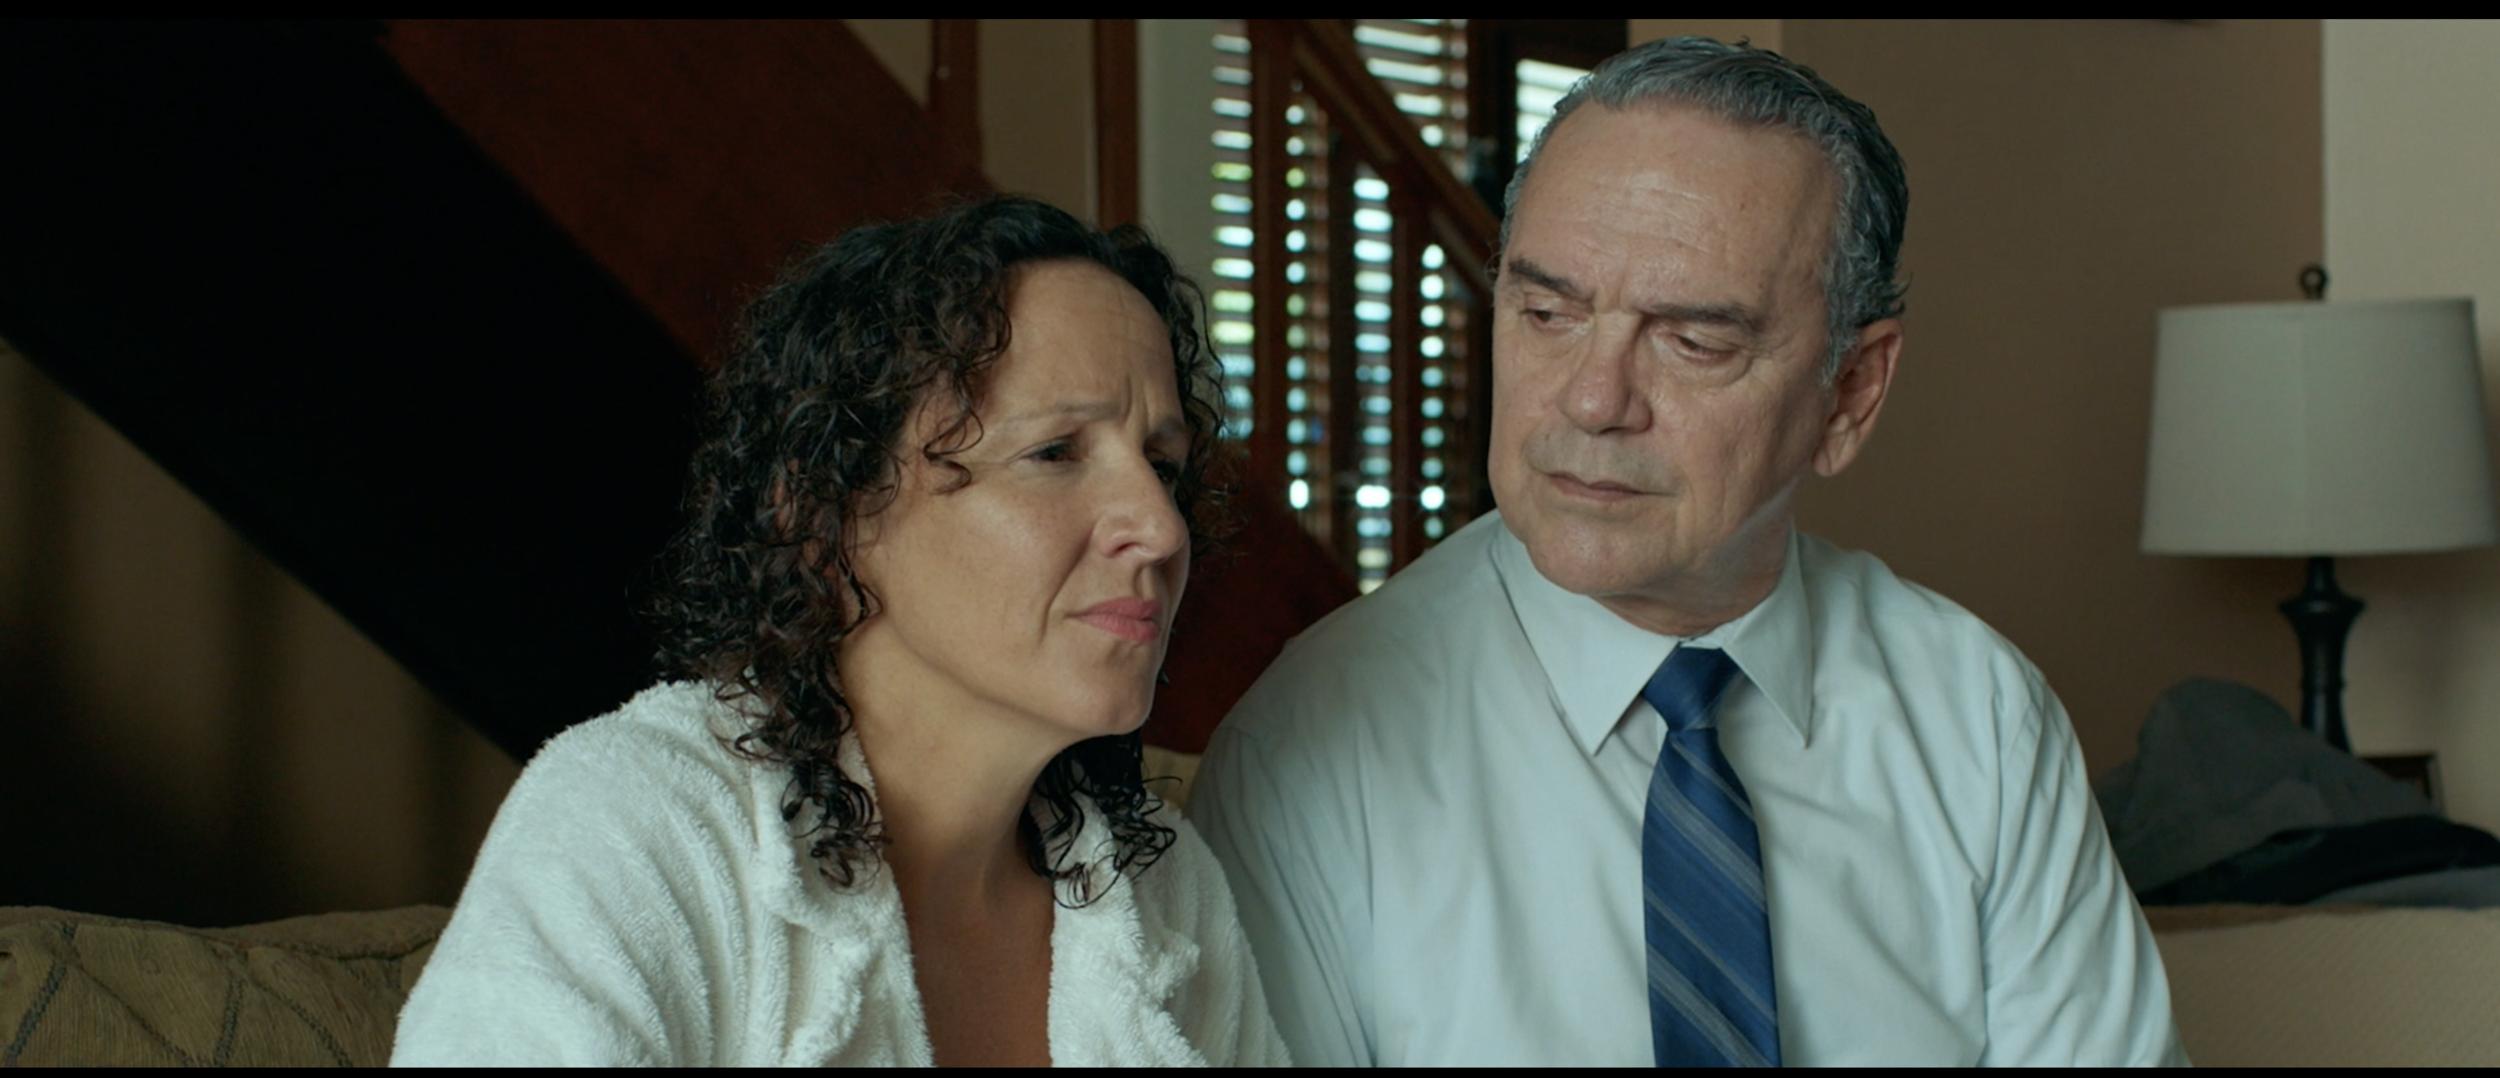 Teresa Hernández (Aurora) y José Félix Gómez (Dr. Eduardo Suárez).png